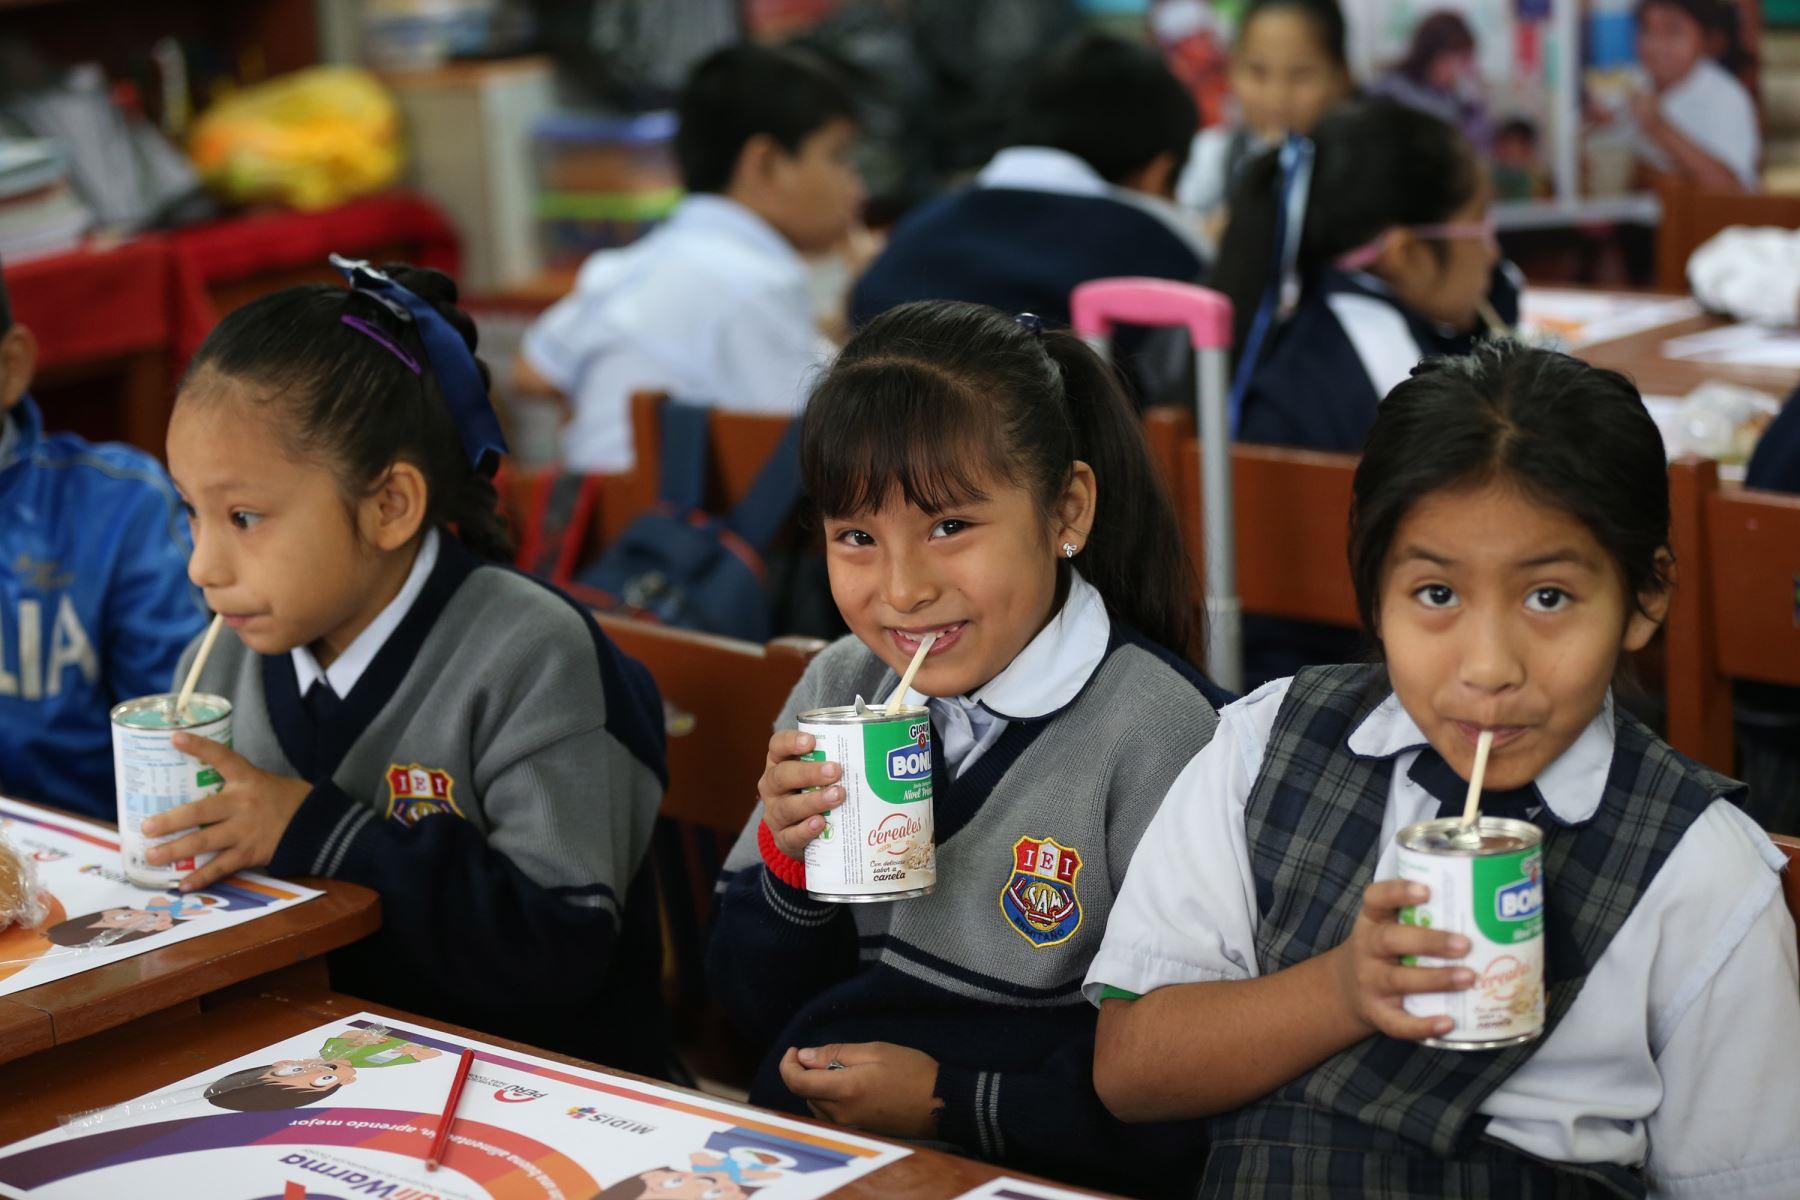 LIMA, PERÚ - AGOSTO 10.La ministra de Desarrollo e Inclusión Social (MIDIS) Paola Bustamante supervisa el reinicio del servicio alimentario escolar  Qali Warma. Foto: ANDINA/Norman Córdova